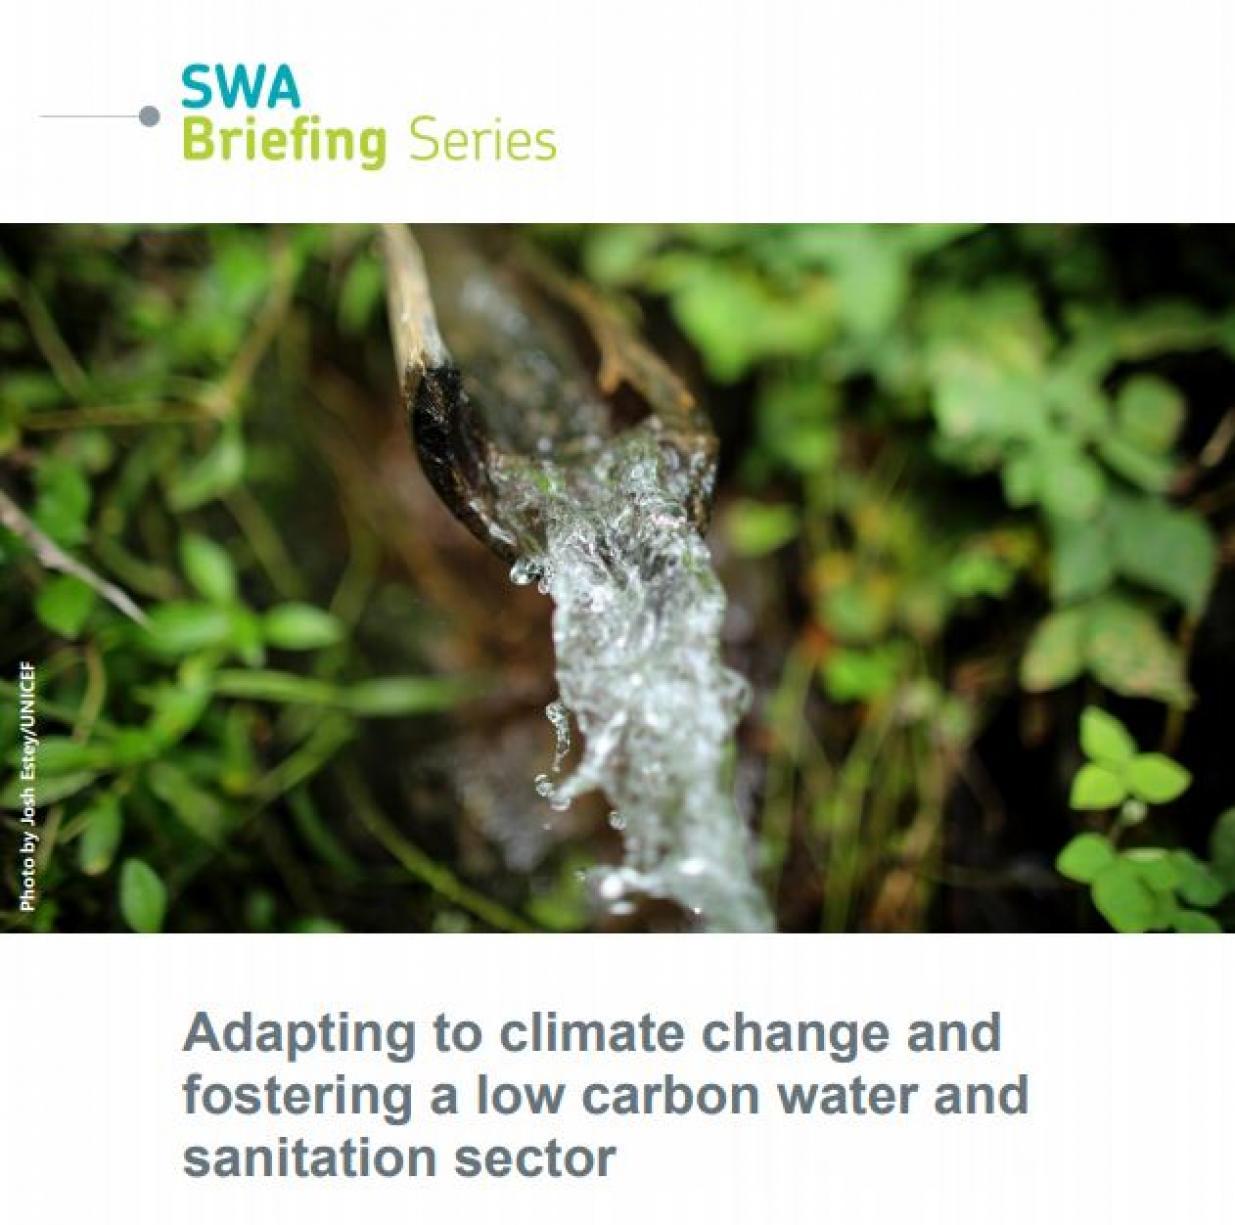 SWA Briefing Series